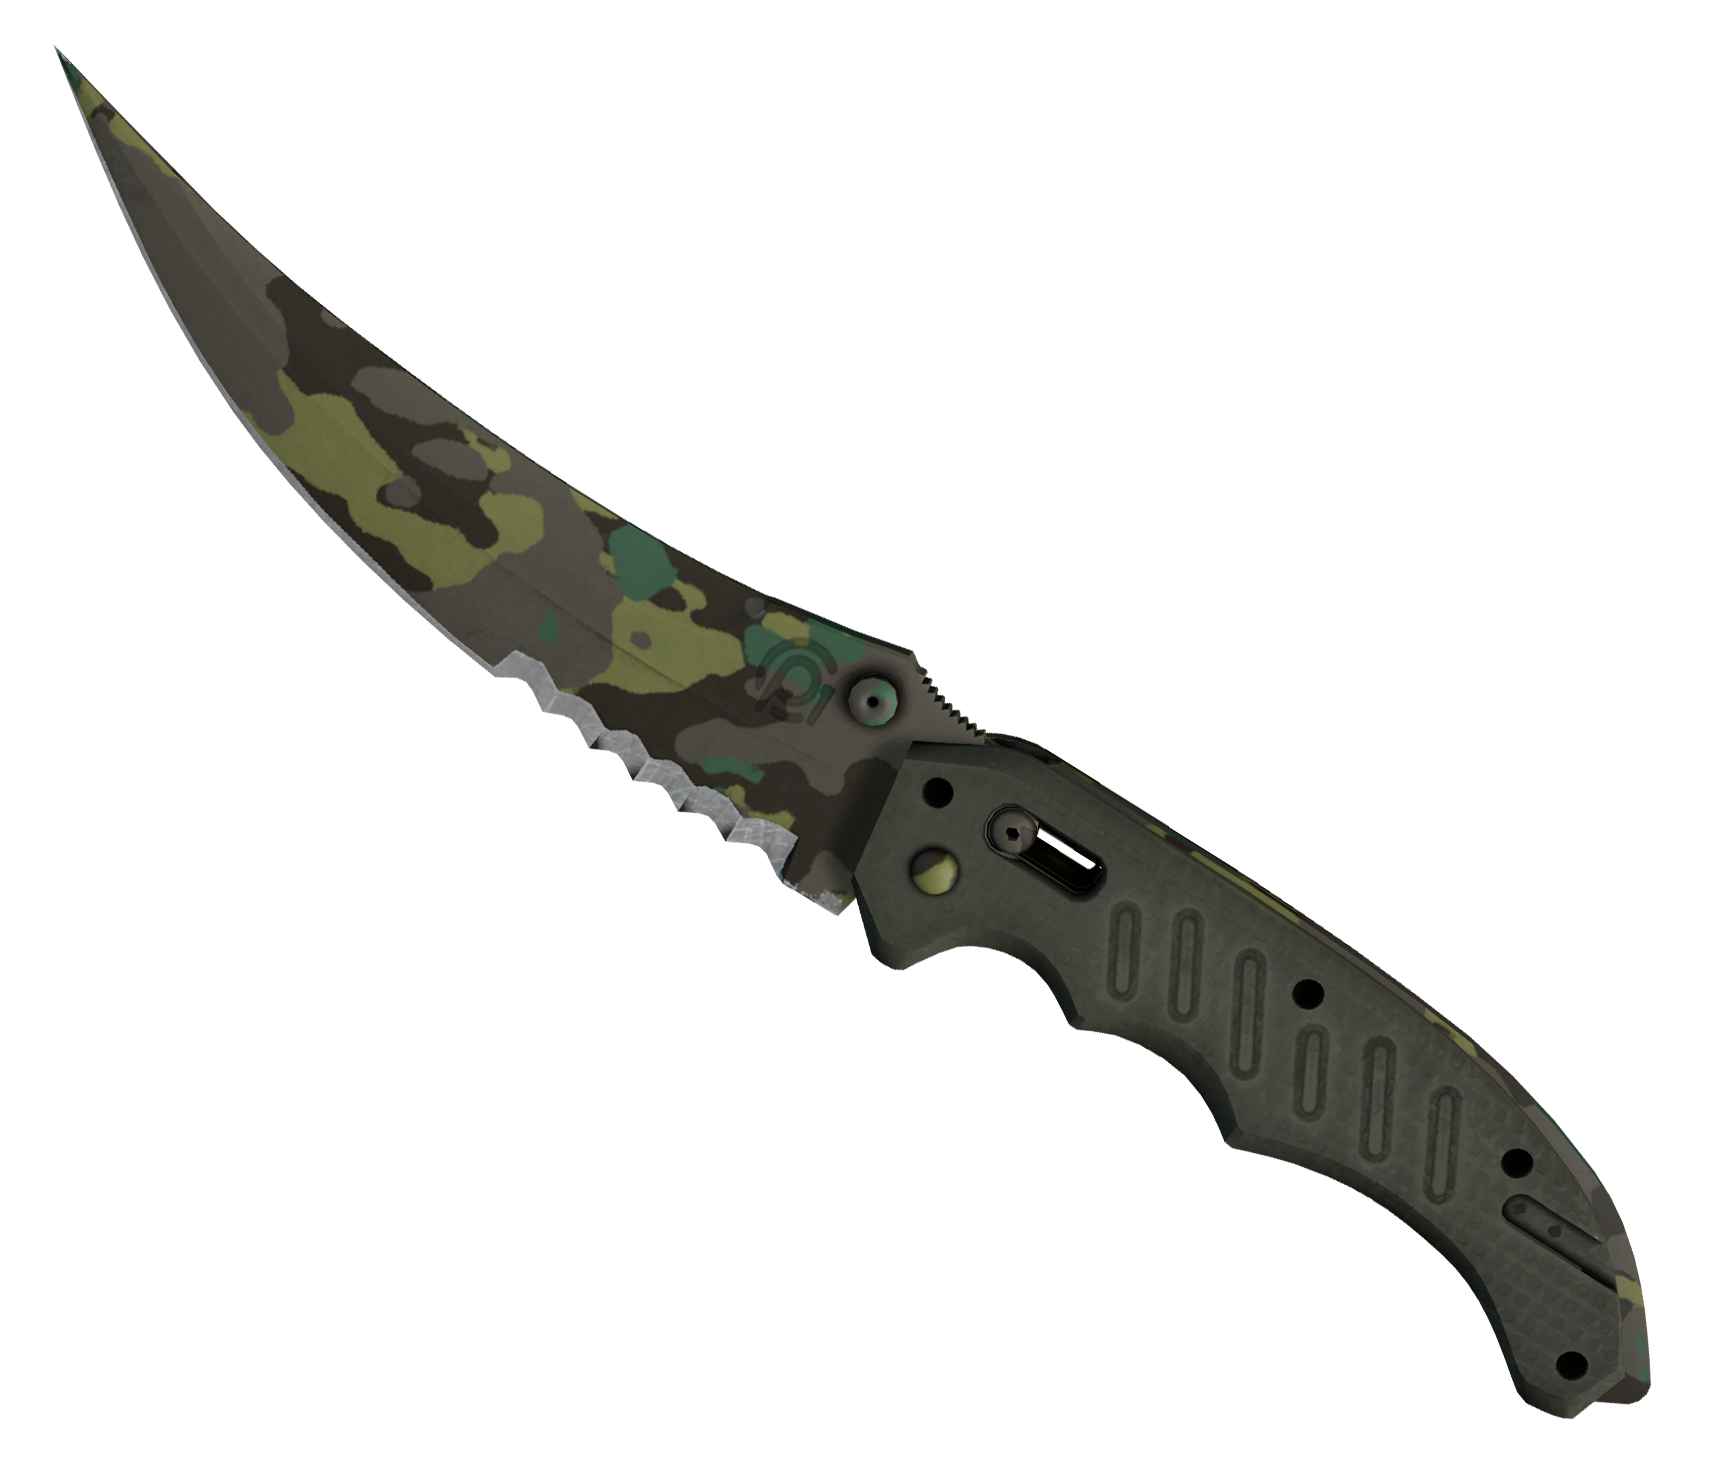 Flip Knife Boreal Forest Large Rendering